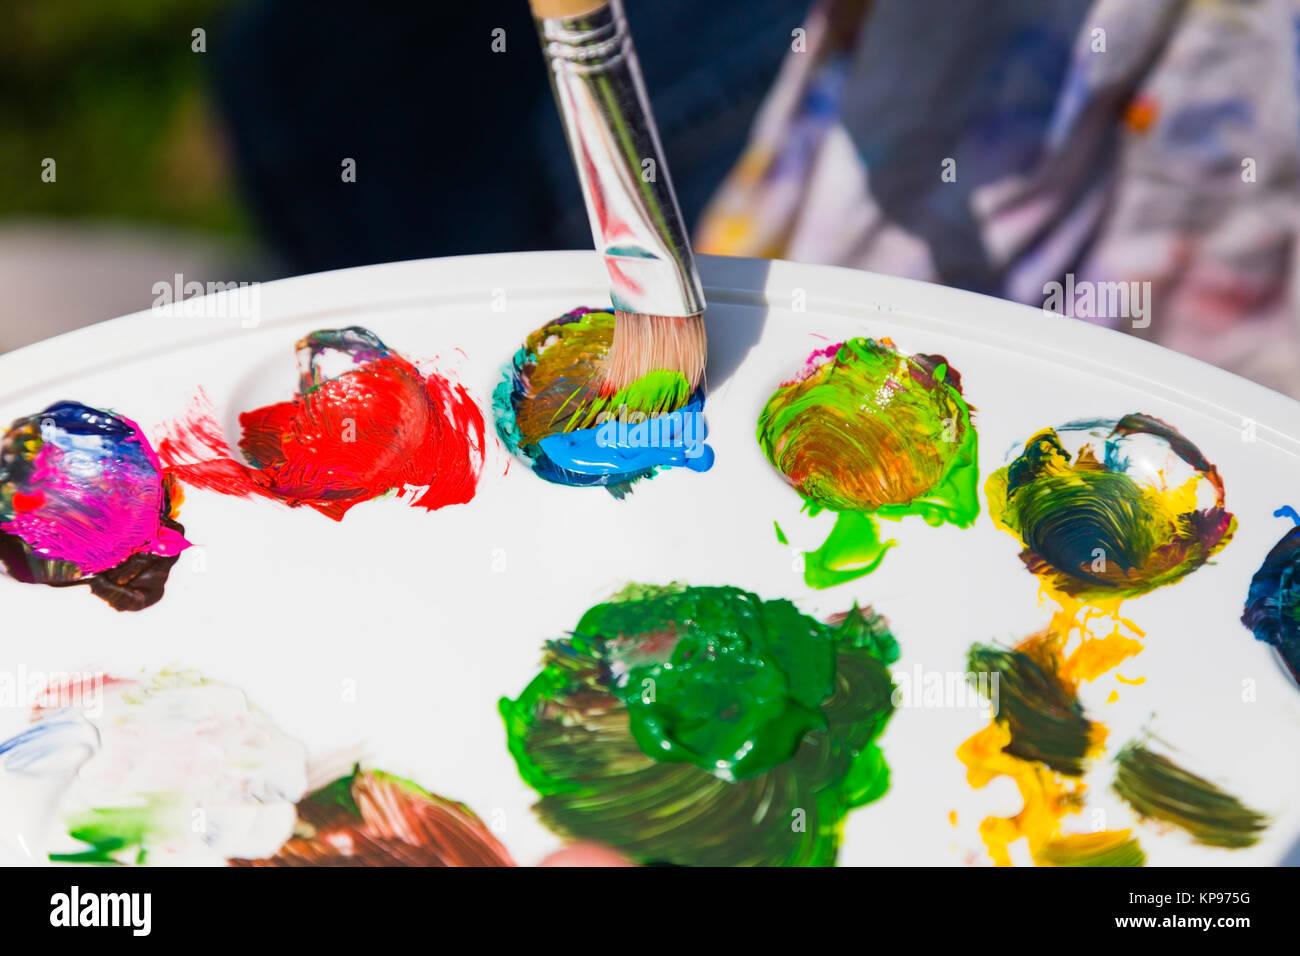 farben mischen photos & farben mischen images - alamy